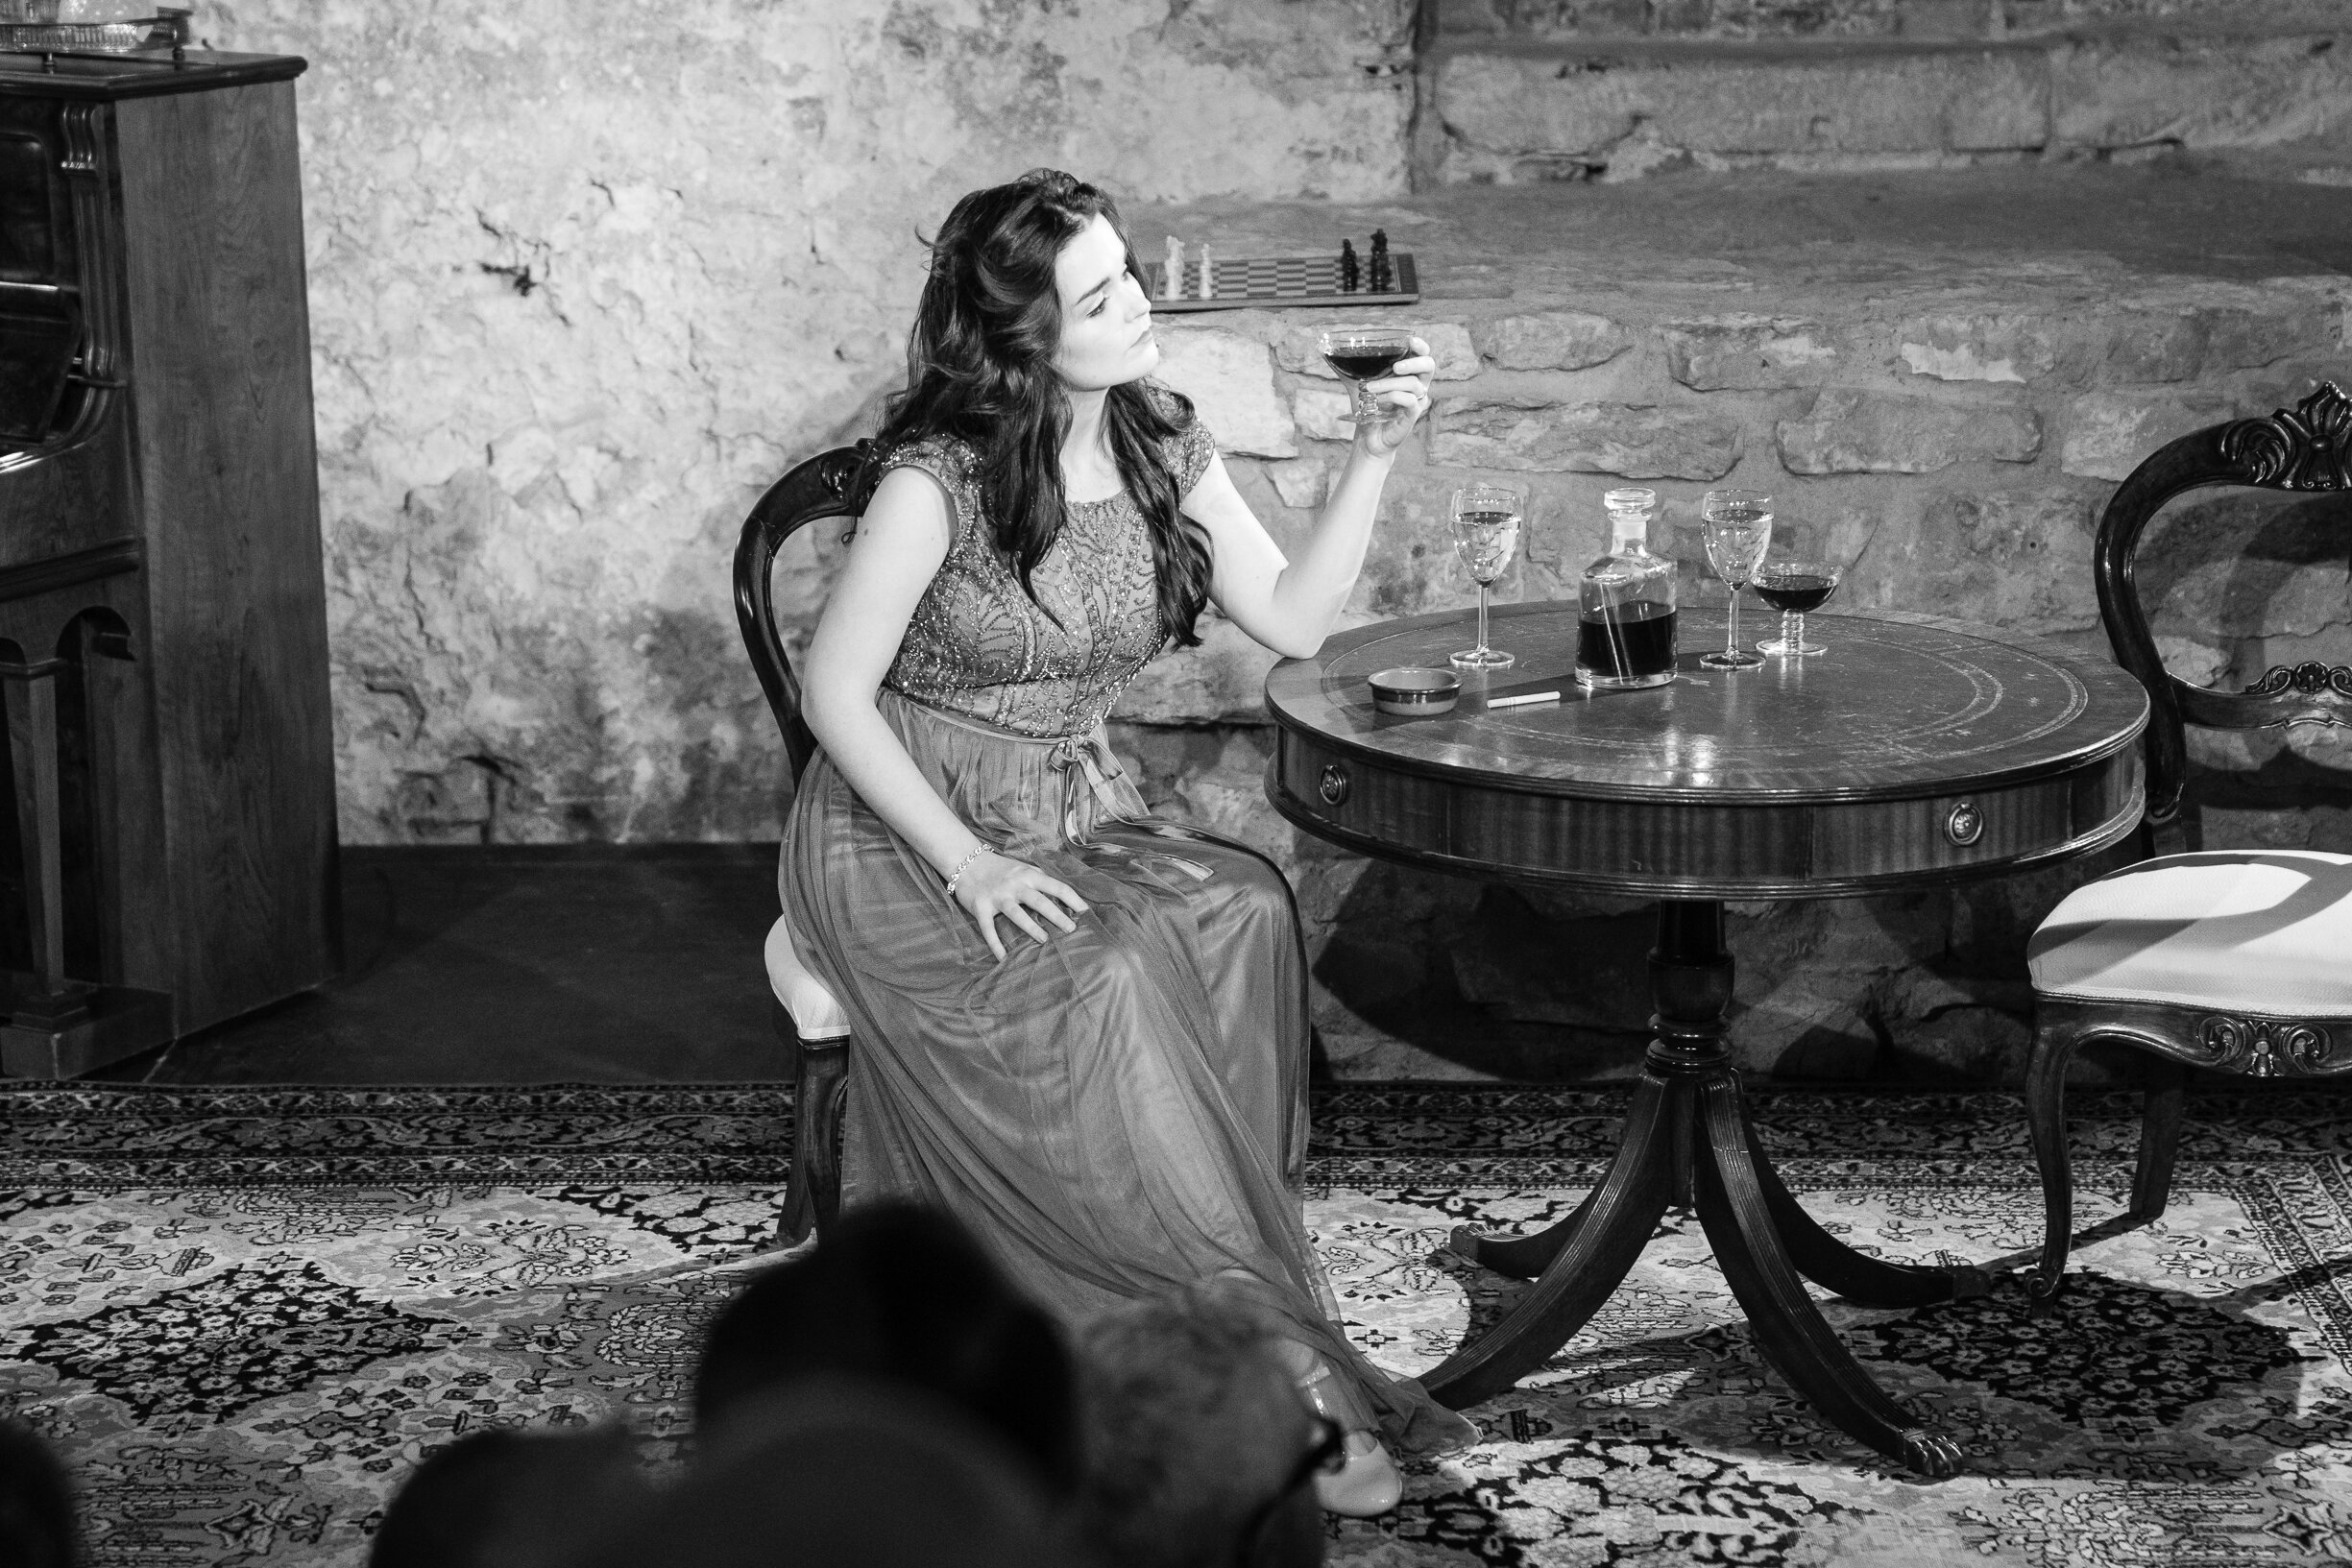 Maria col vino b&n Kopie.jpg